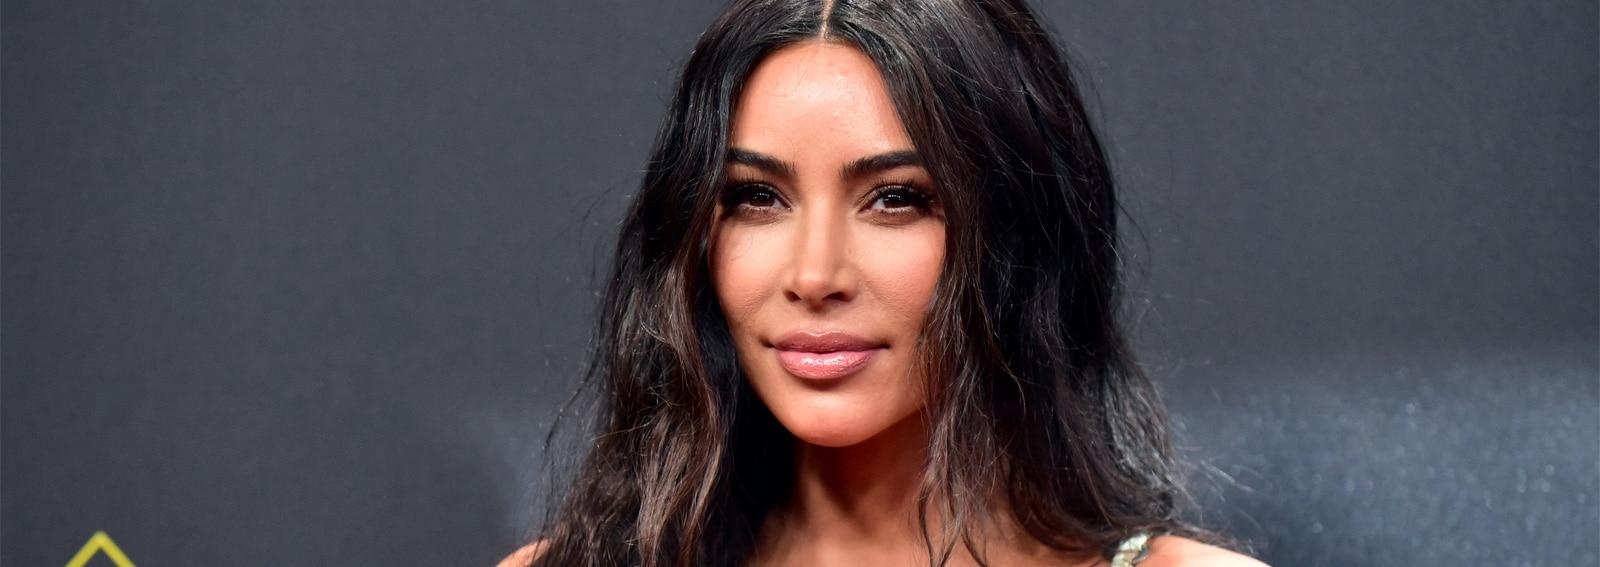 kim-kardashian-40-anni-migliori-beauty-look-evoluzione-cover-desktop